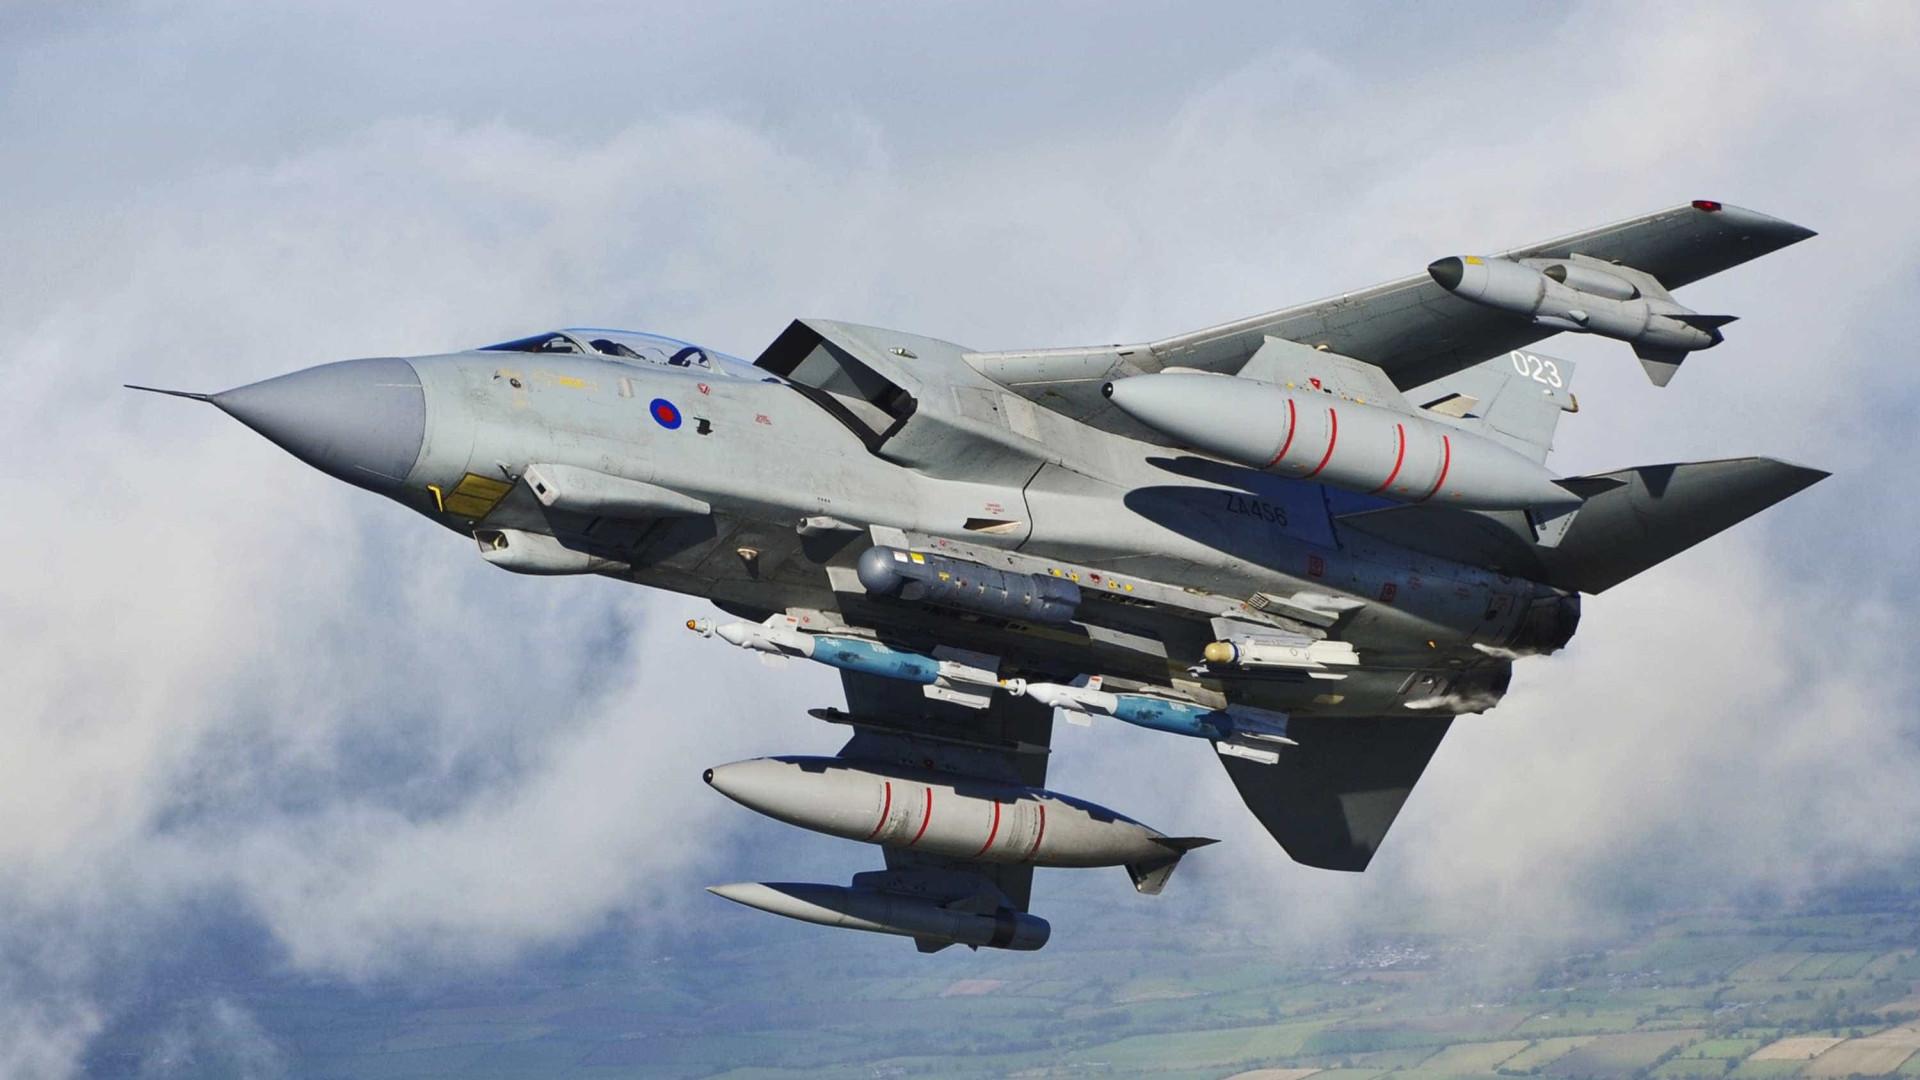 Reino Unido faz primeiro ataque aéreo contra Estado Islâmico